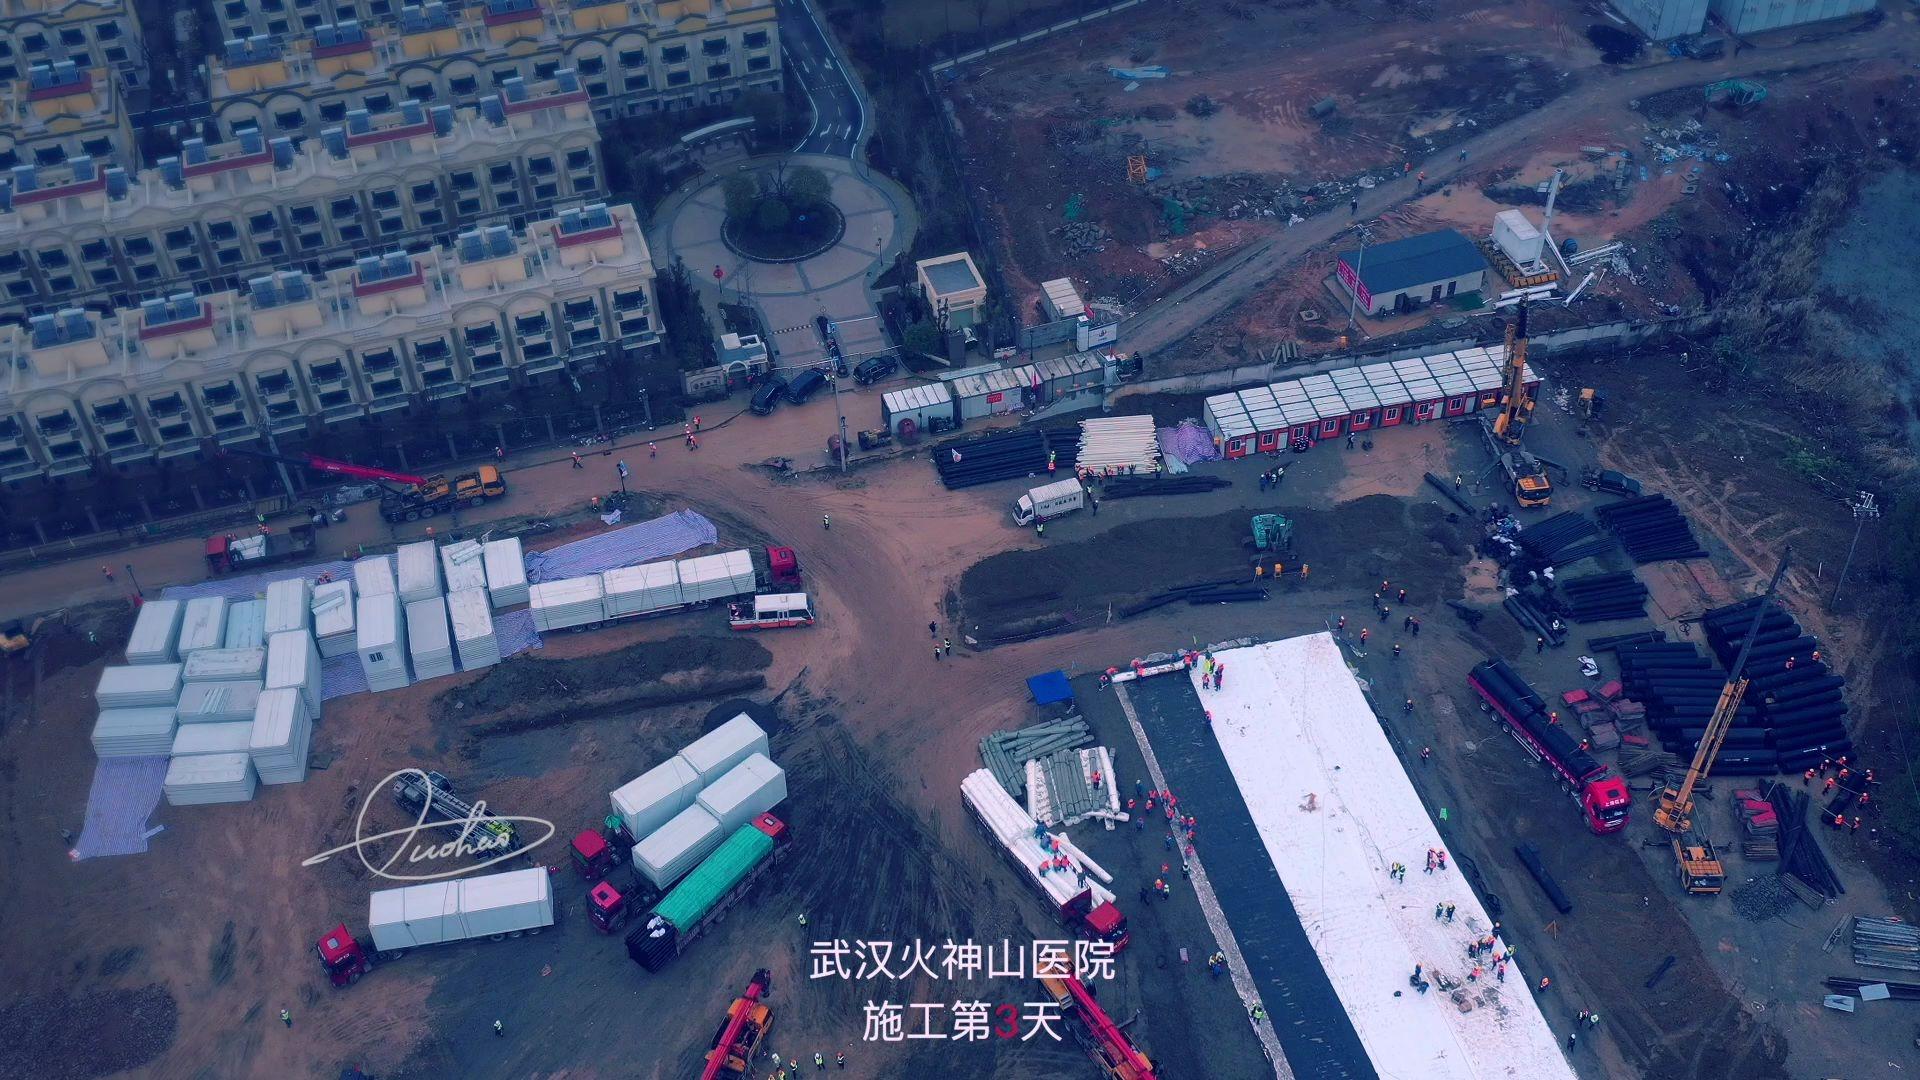 延时航拍武汉火神山医院建设第三天